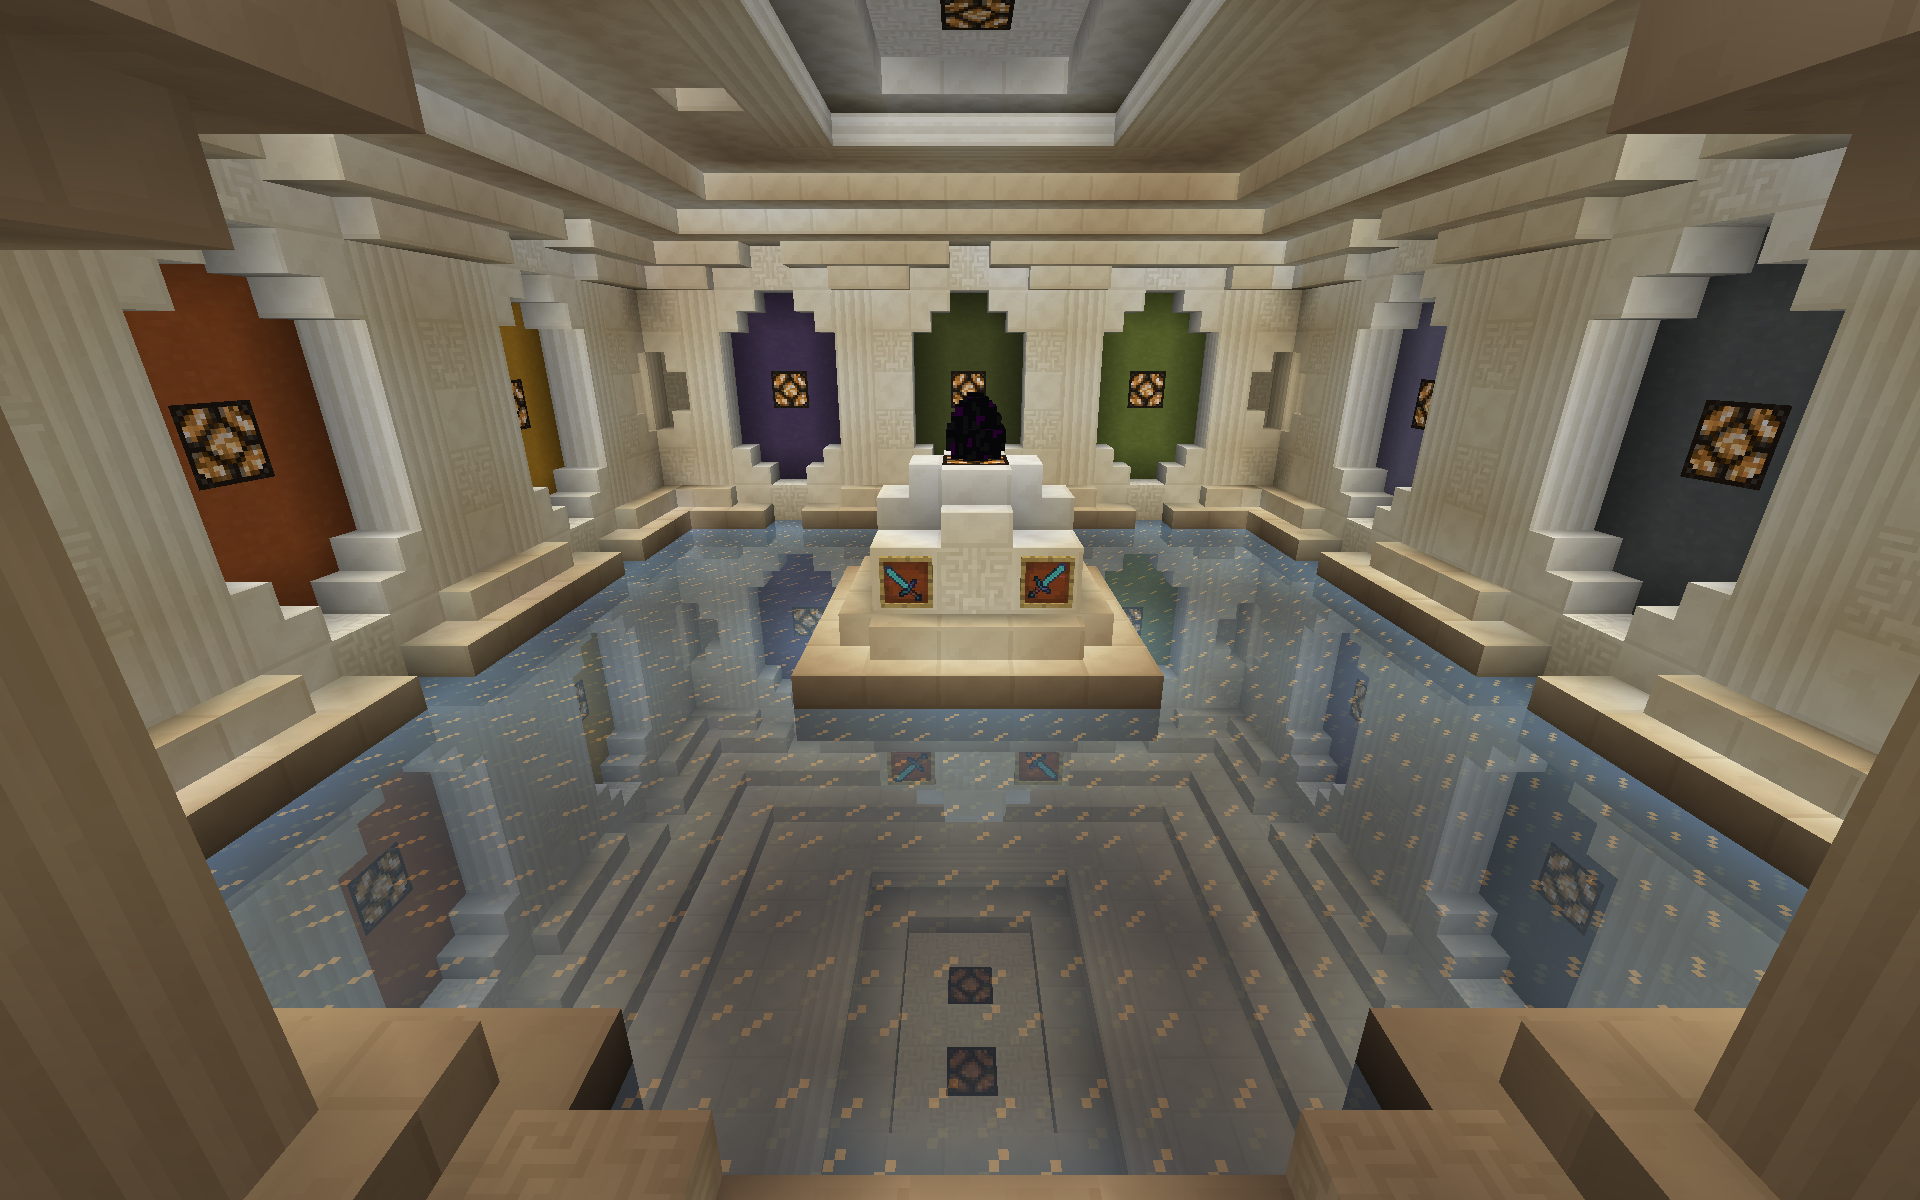 Minecraft interior design cool minecraft interior design for Cool minecraft interior designs